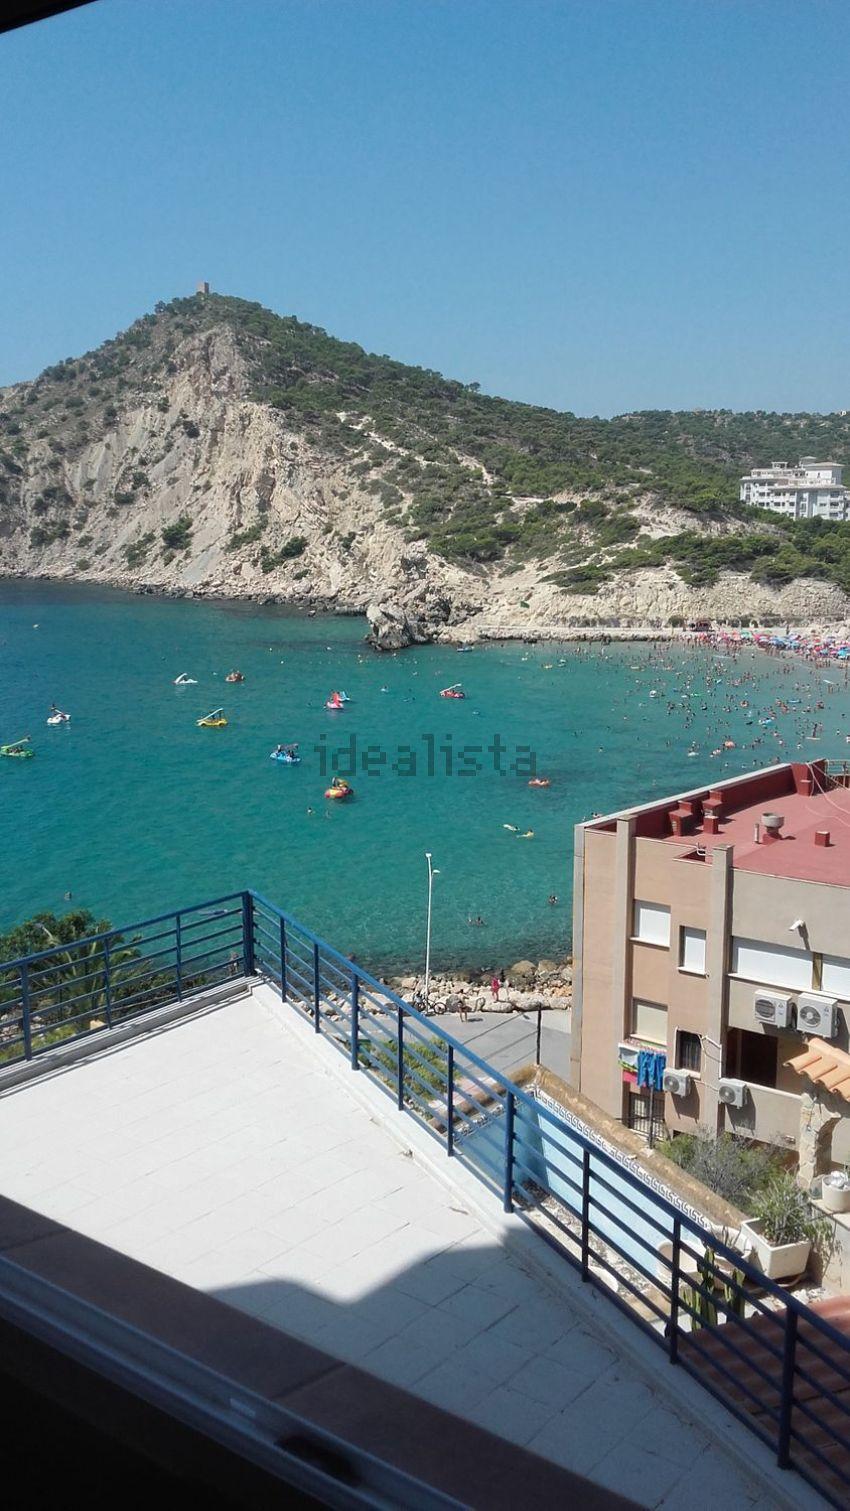 Piso en benidorm, s n, Playa de Poniente, Benidorm